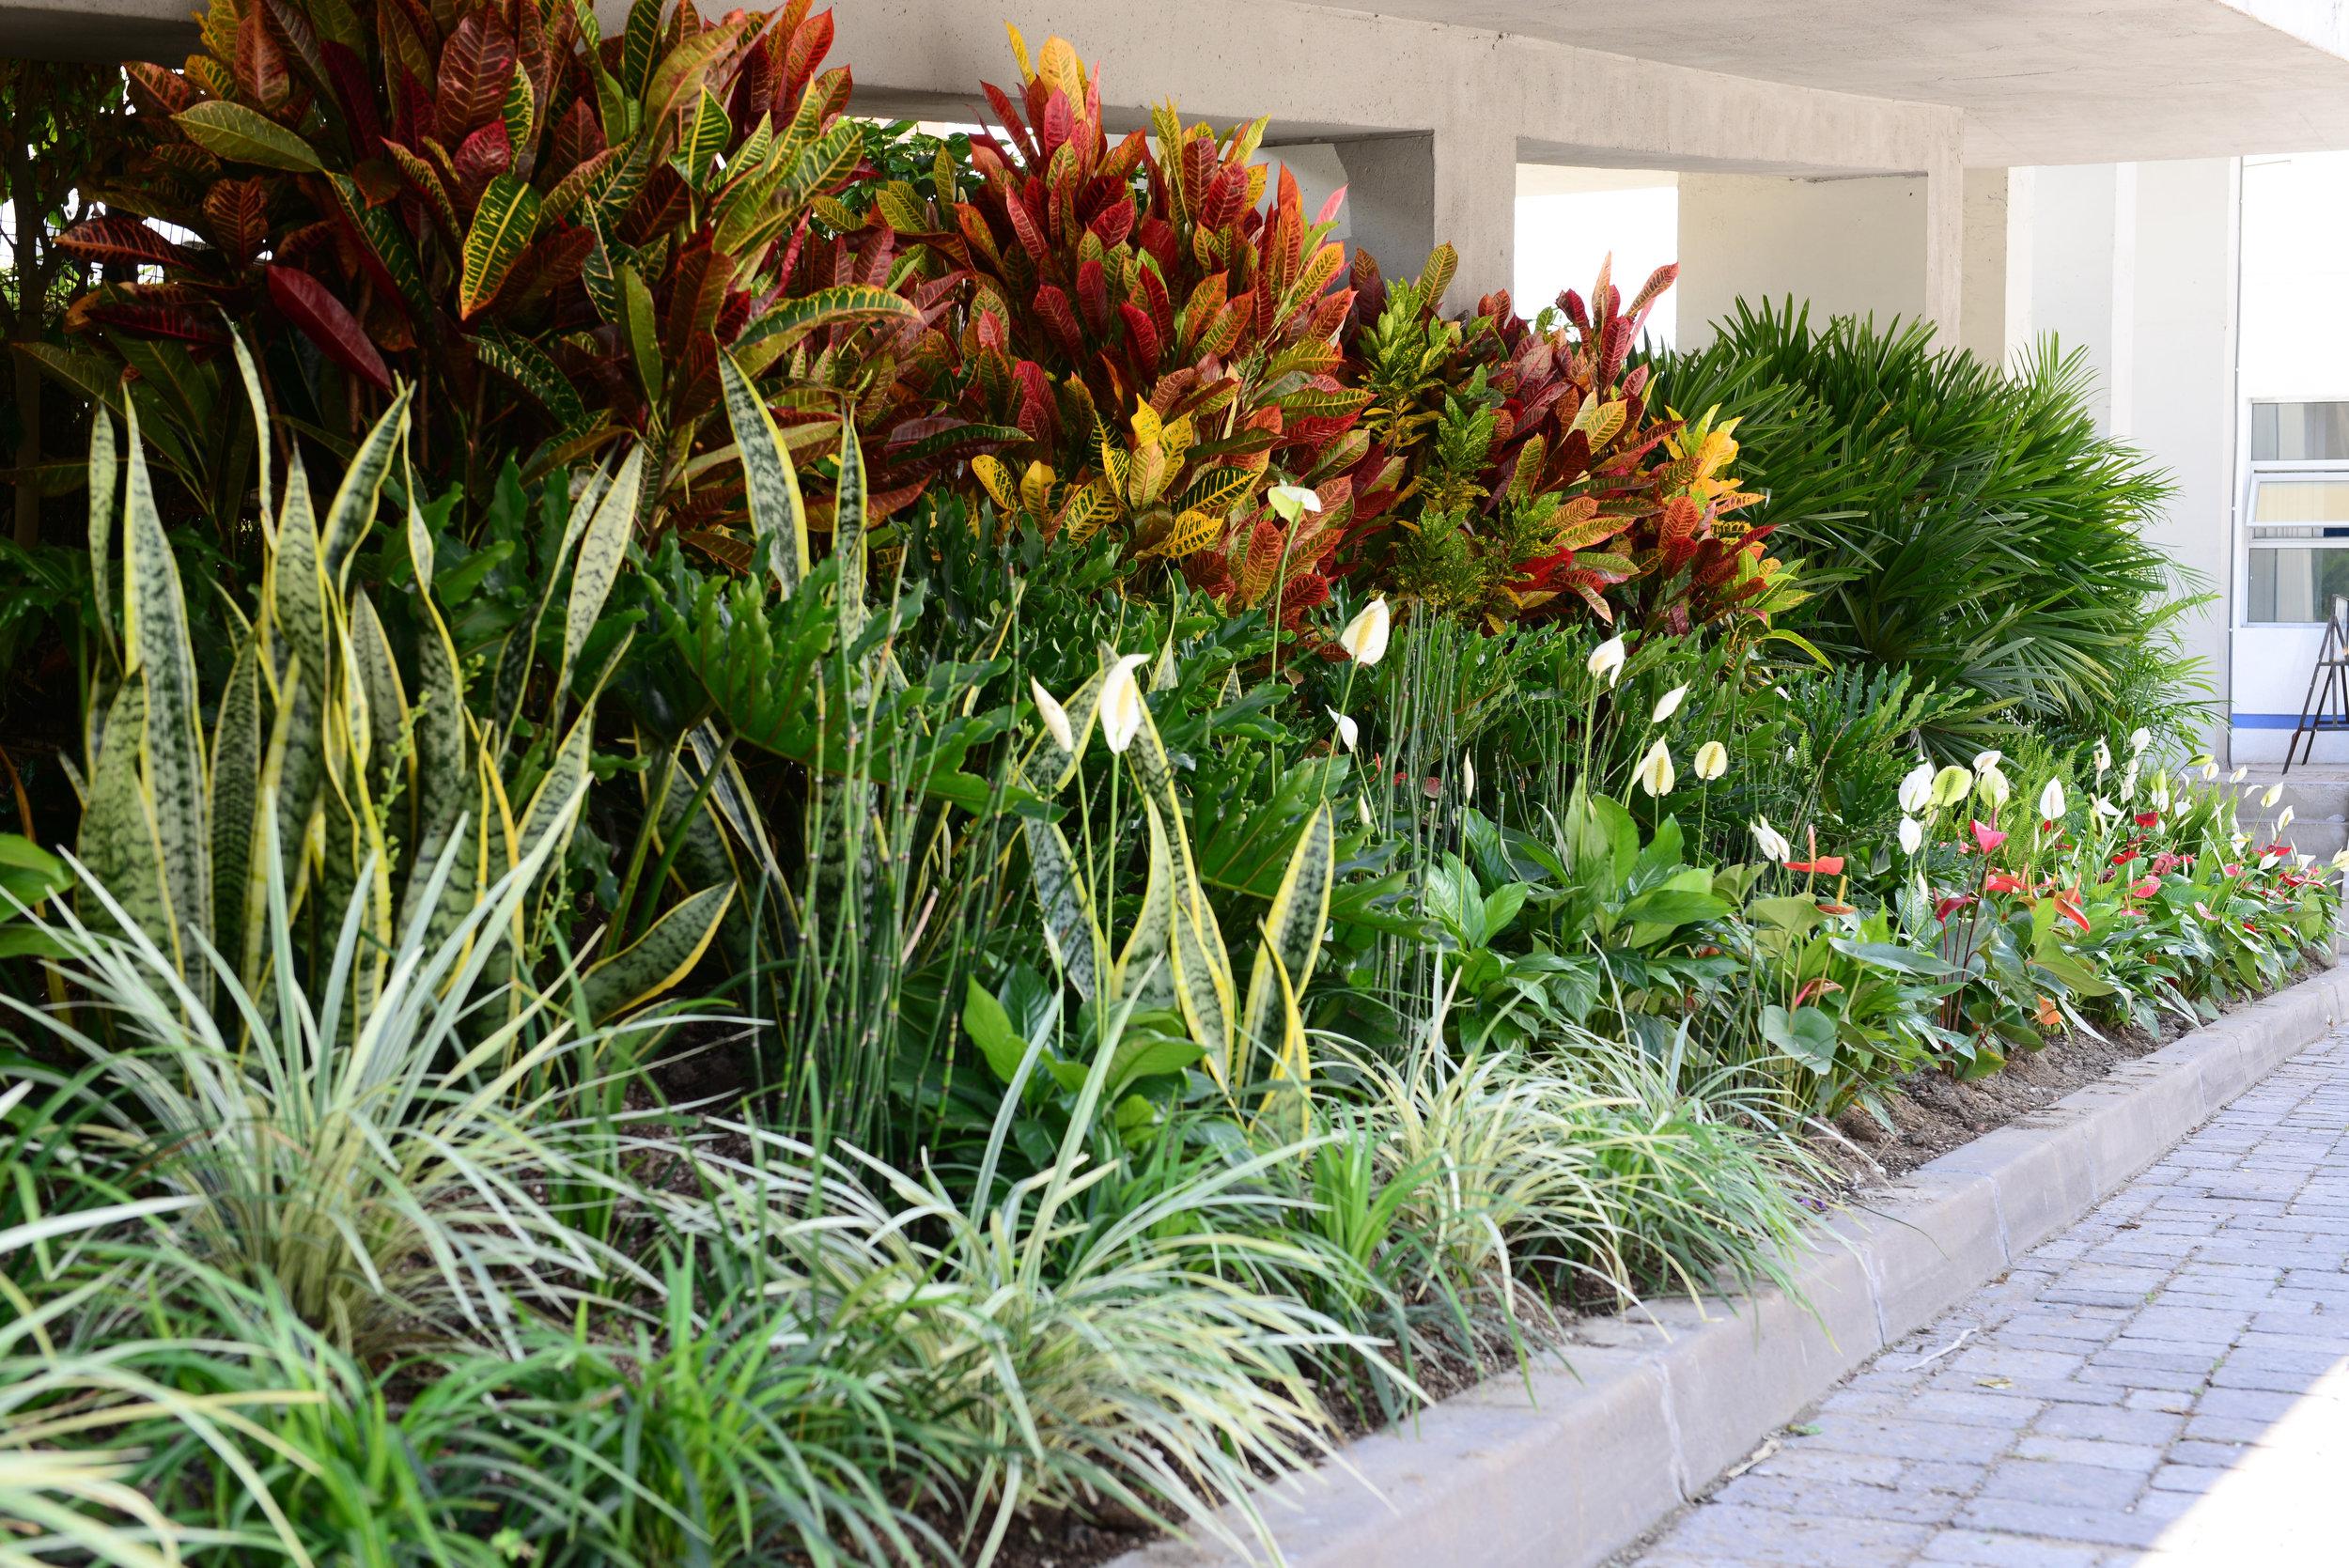 Nuestras casas como parches ecológicos urbanos. Fotografía: Renaturalizar